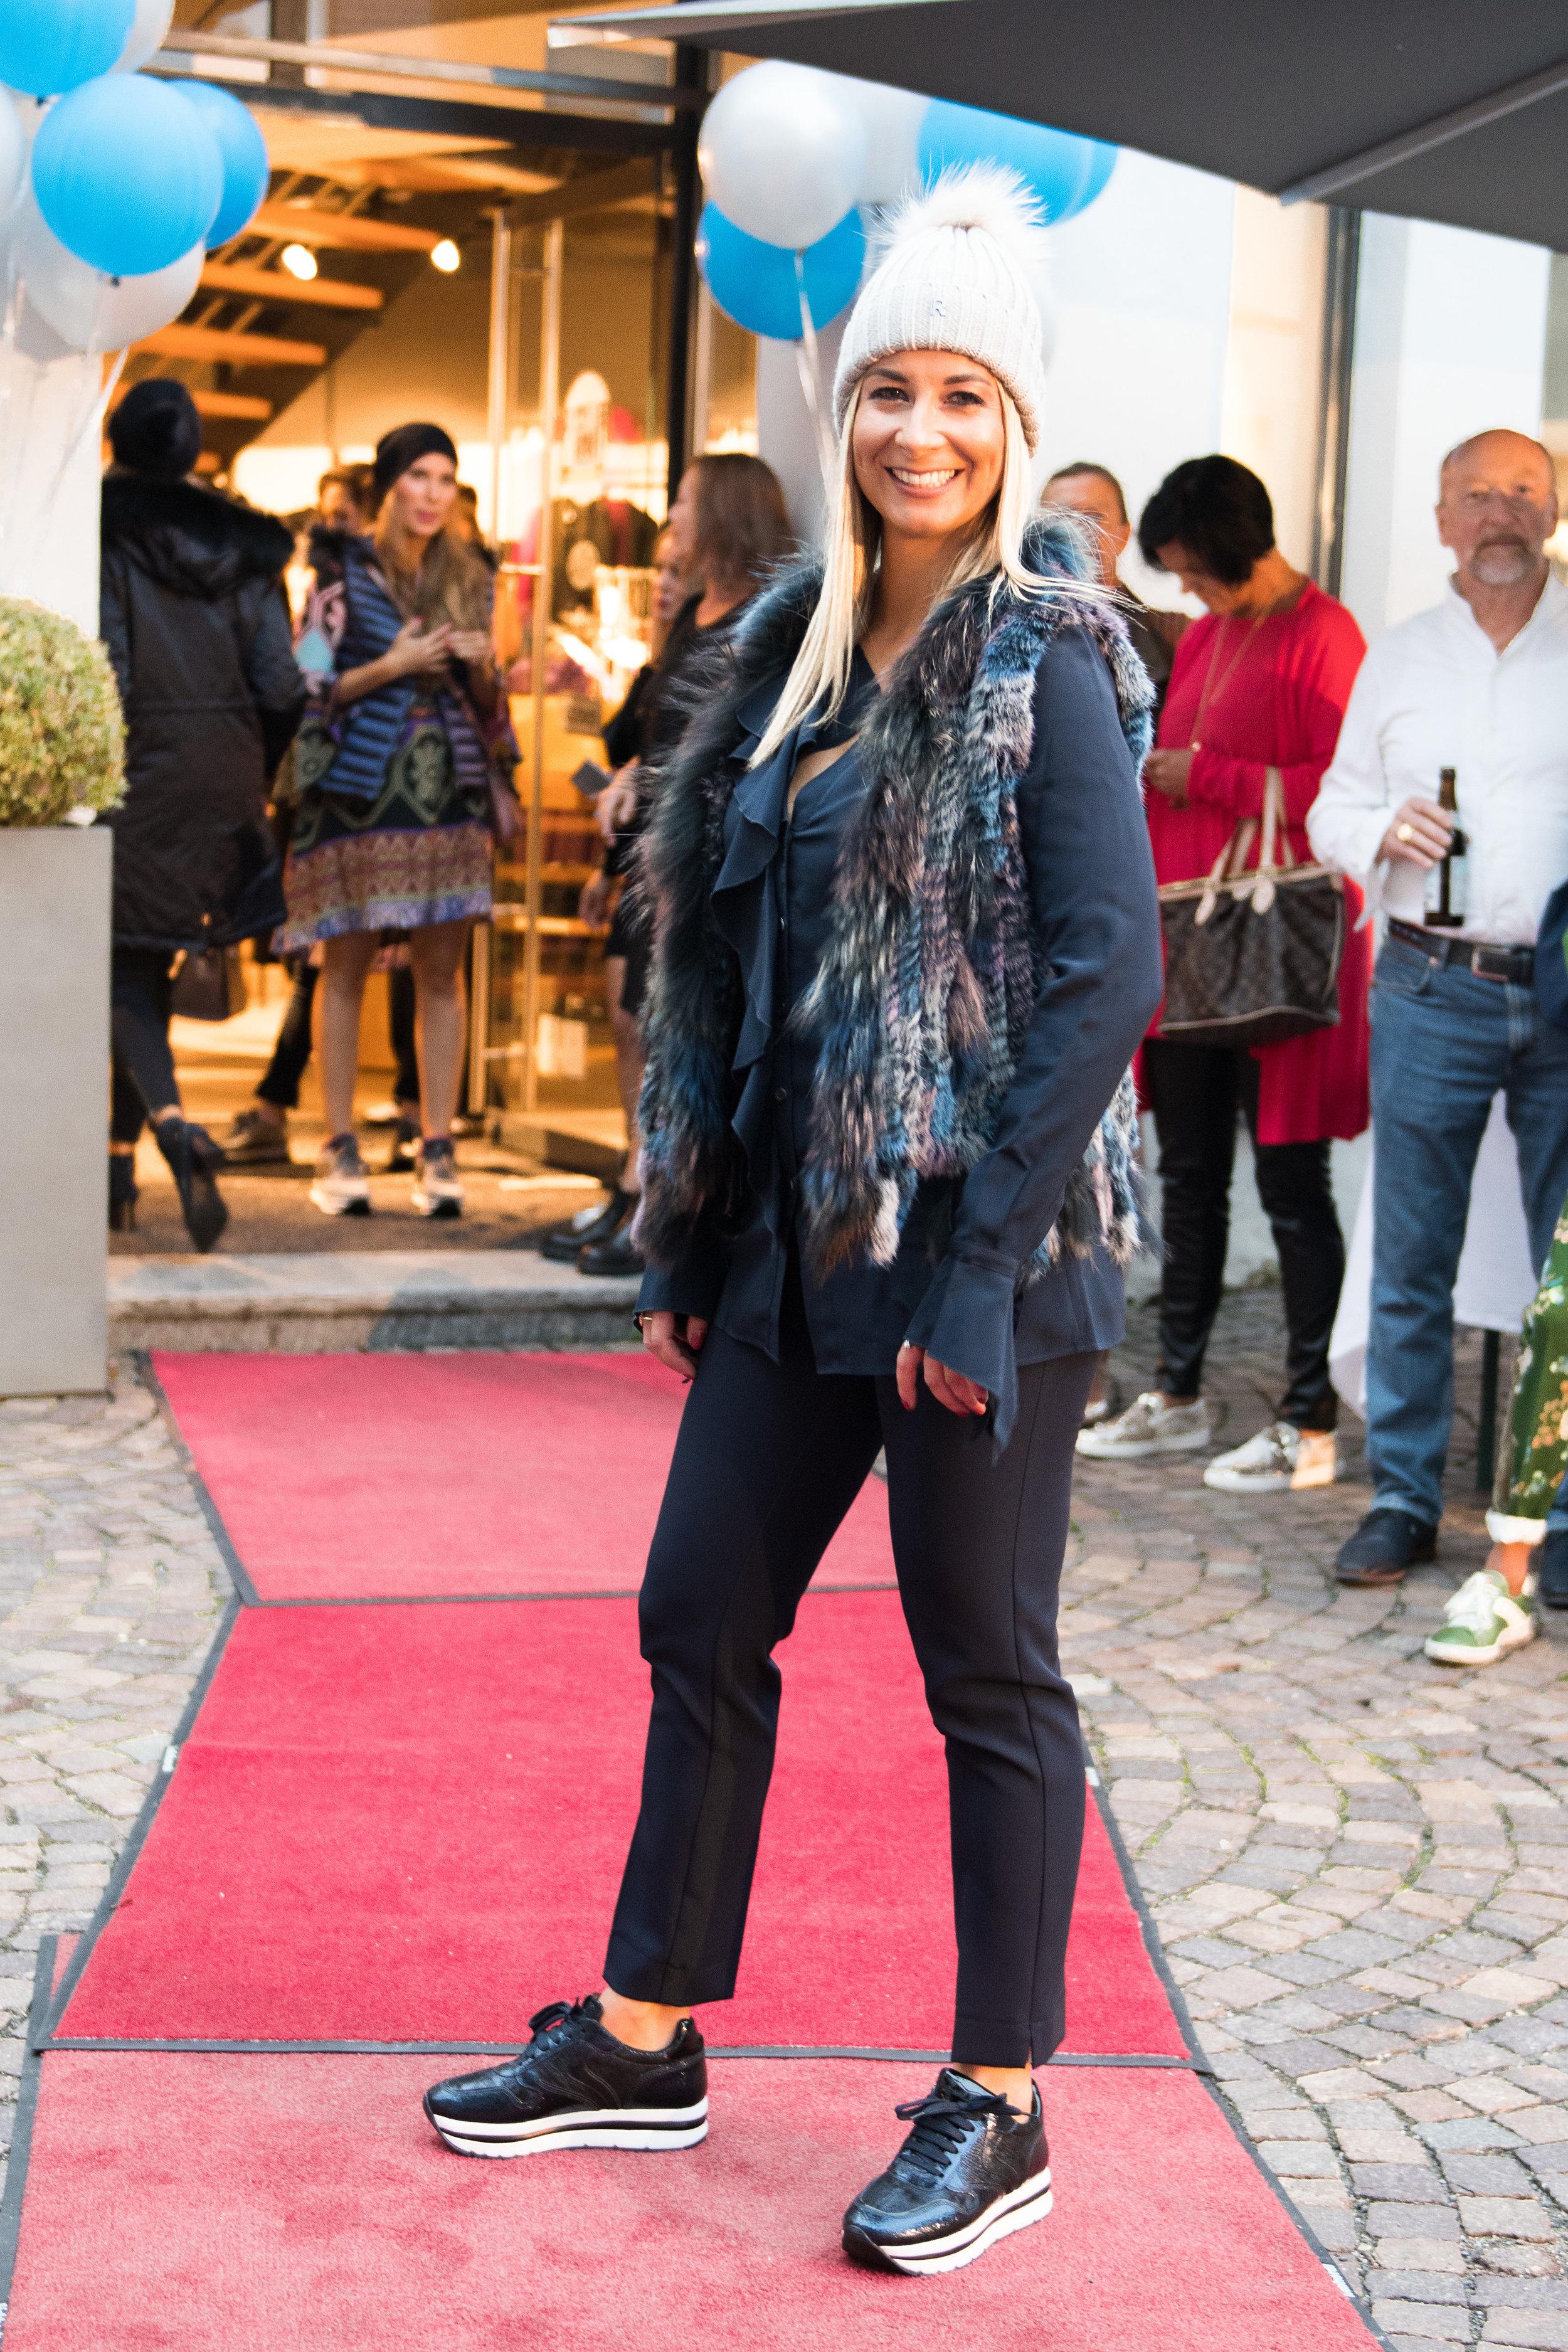 Fashionshowbackstage_37.jpg